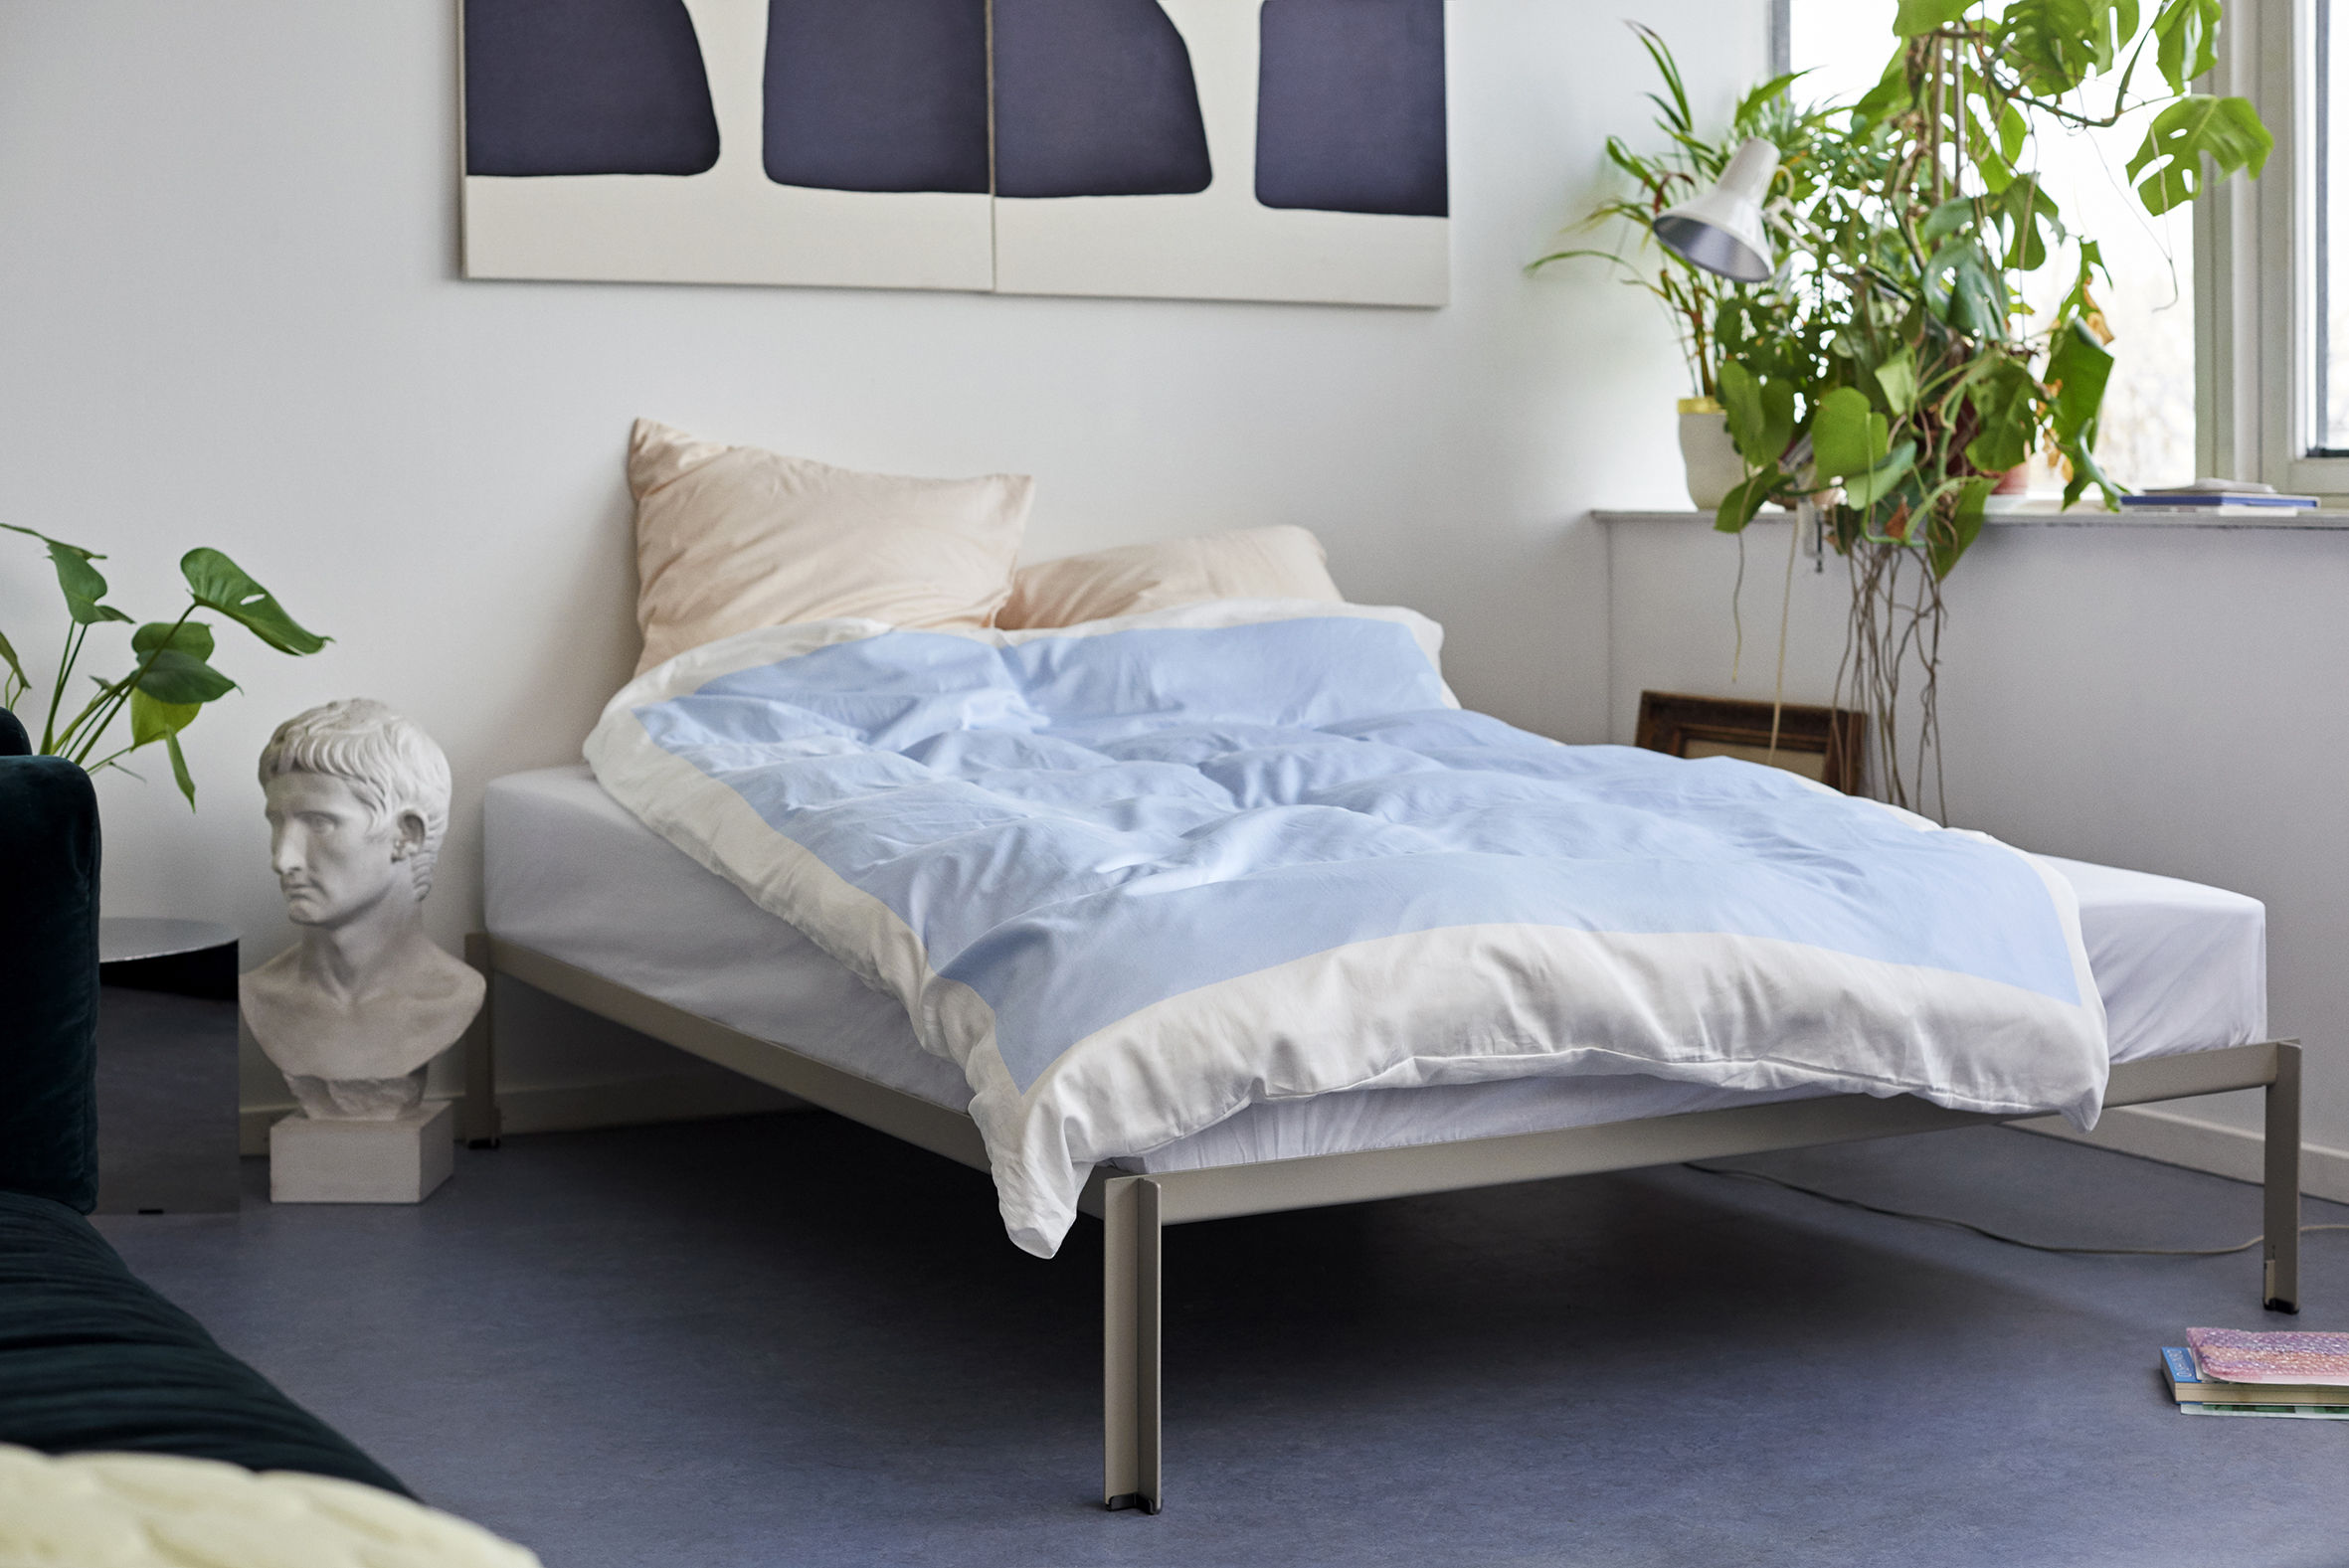 parure de lit 1 personne rest 200 x 140 cm menthe hay. Black Bedroom Furniture Sets. Home Design Ideas